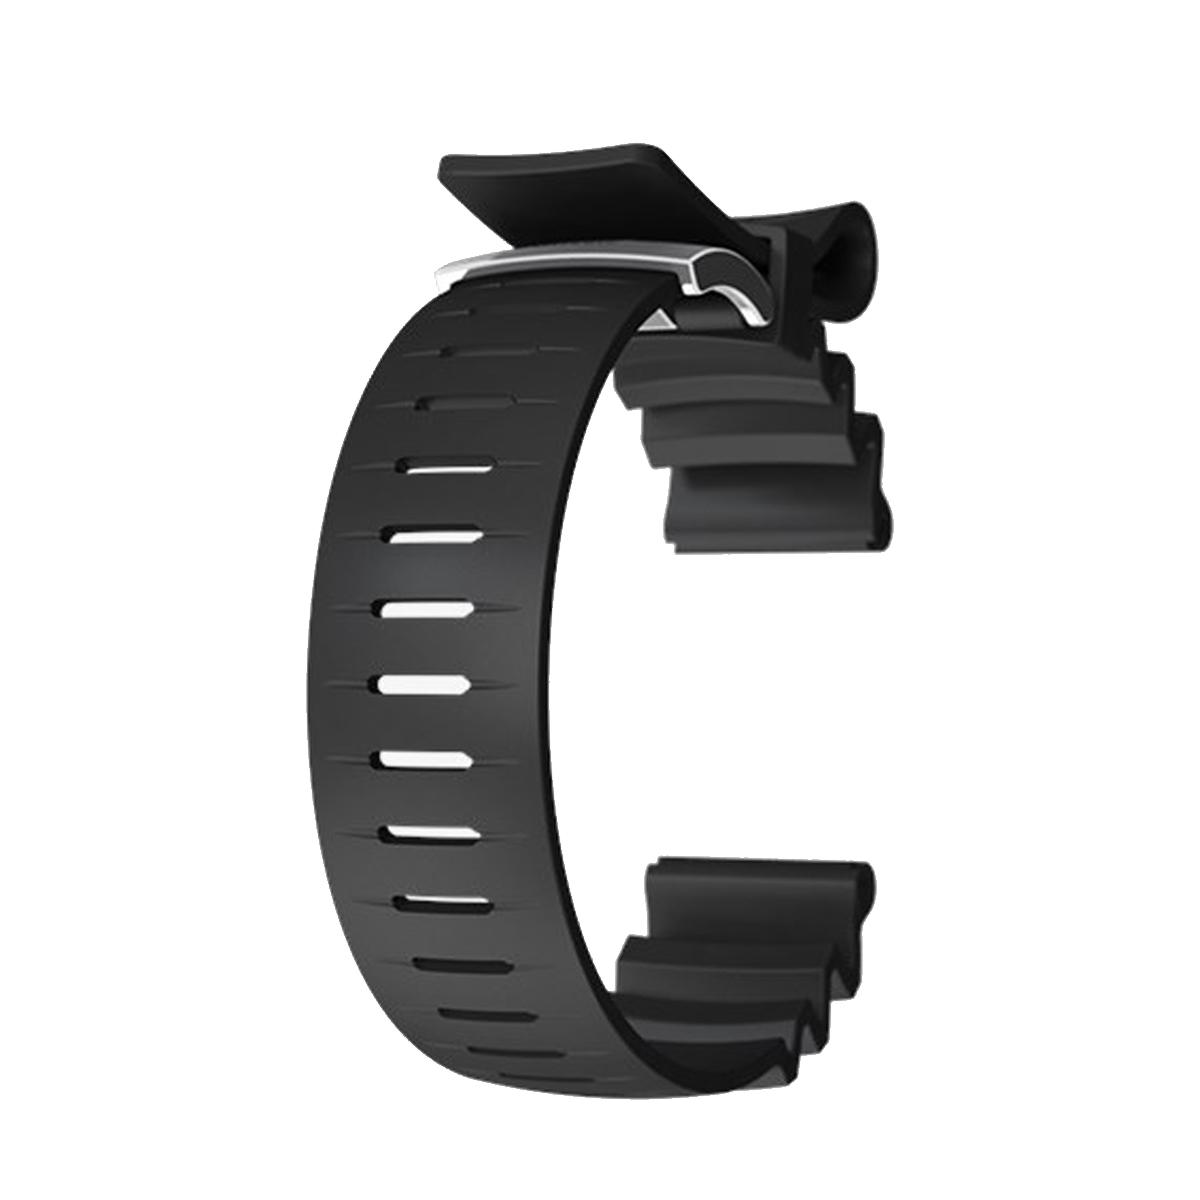 SUUNTO - EON Core Armband Set